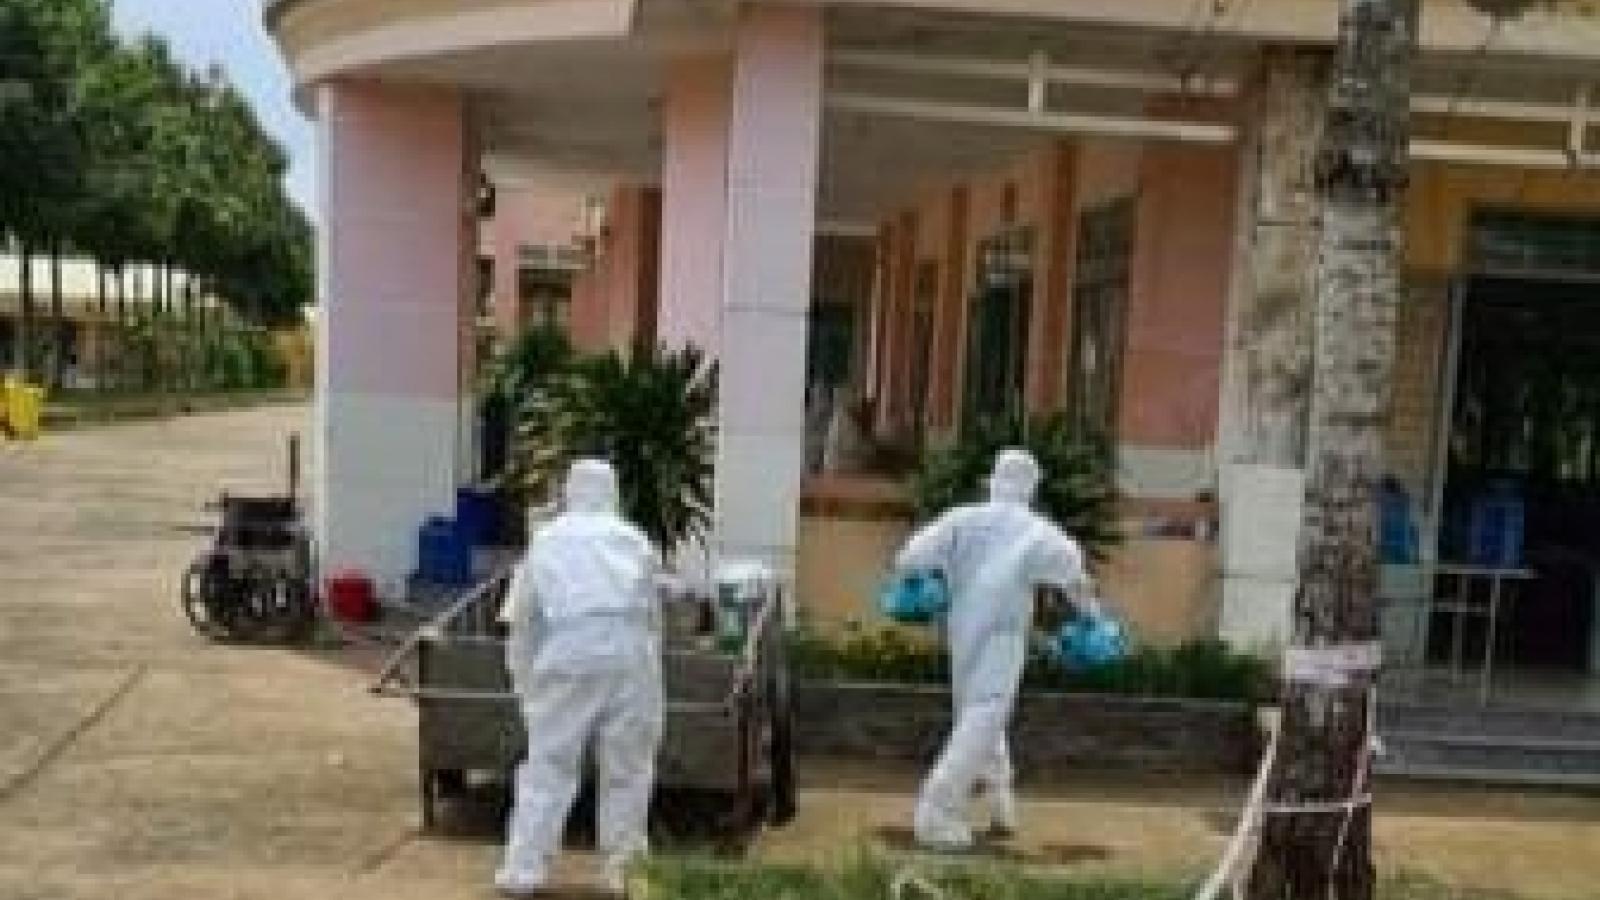 Tiền Giang thành lập thêm bệnh viện dã chiến số 09 để điều trị bệnh nhân Covid-19